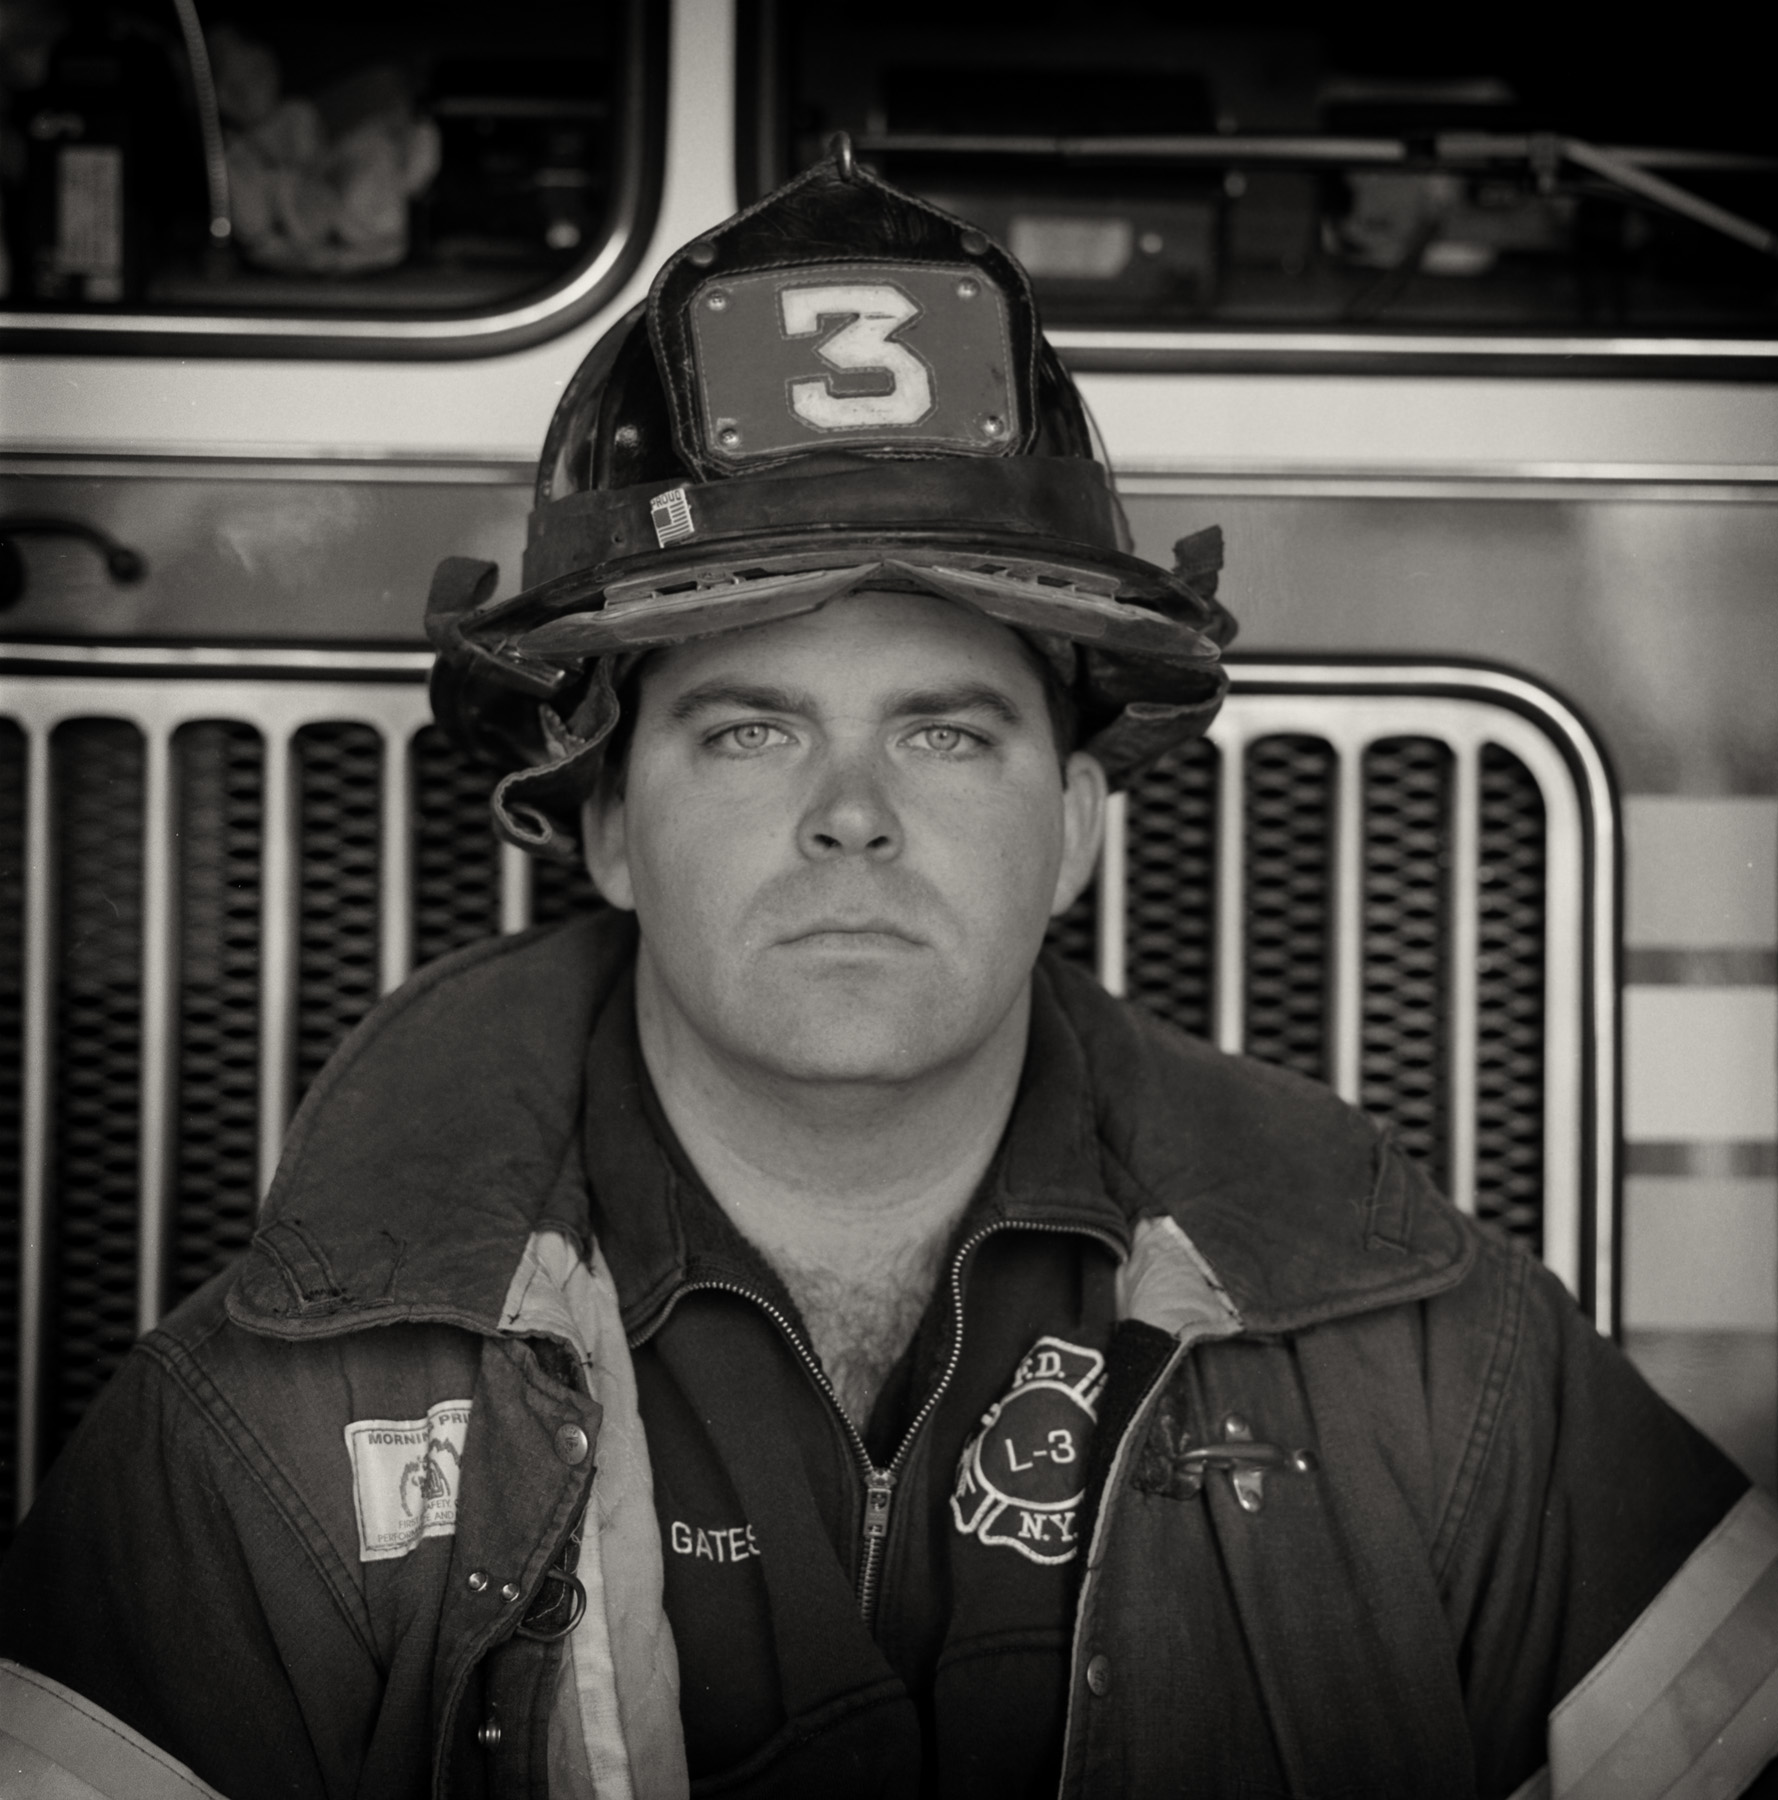 Firefighter 12.jpg